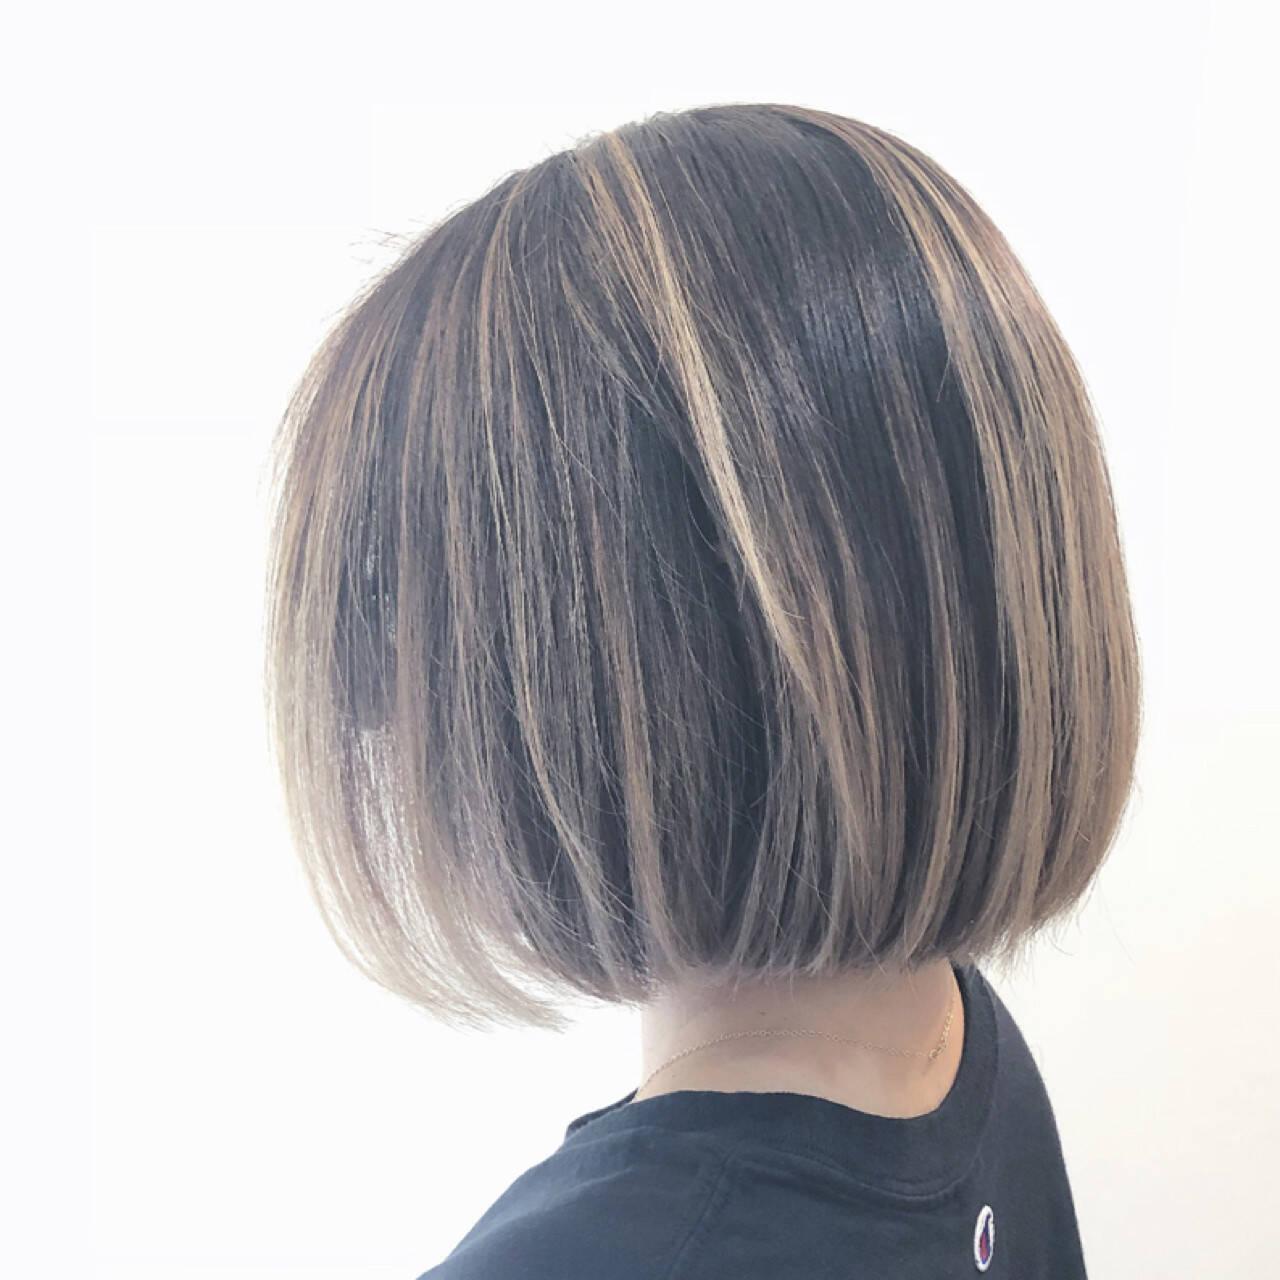 ボブ グレージュ バレイヤージュ グラデーションカラーヘアスタイルや髪型の写真・画像